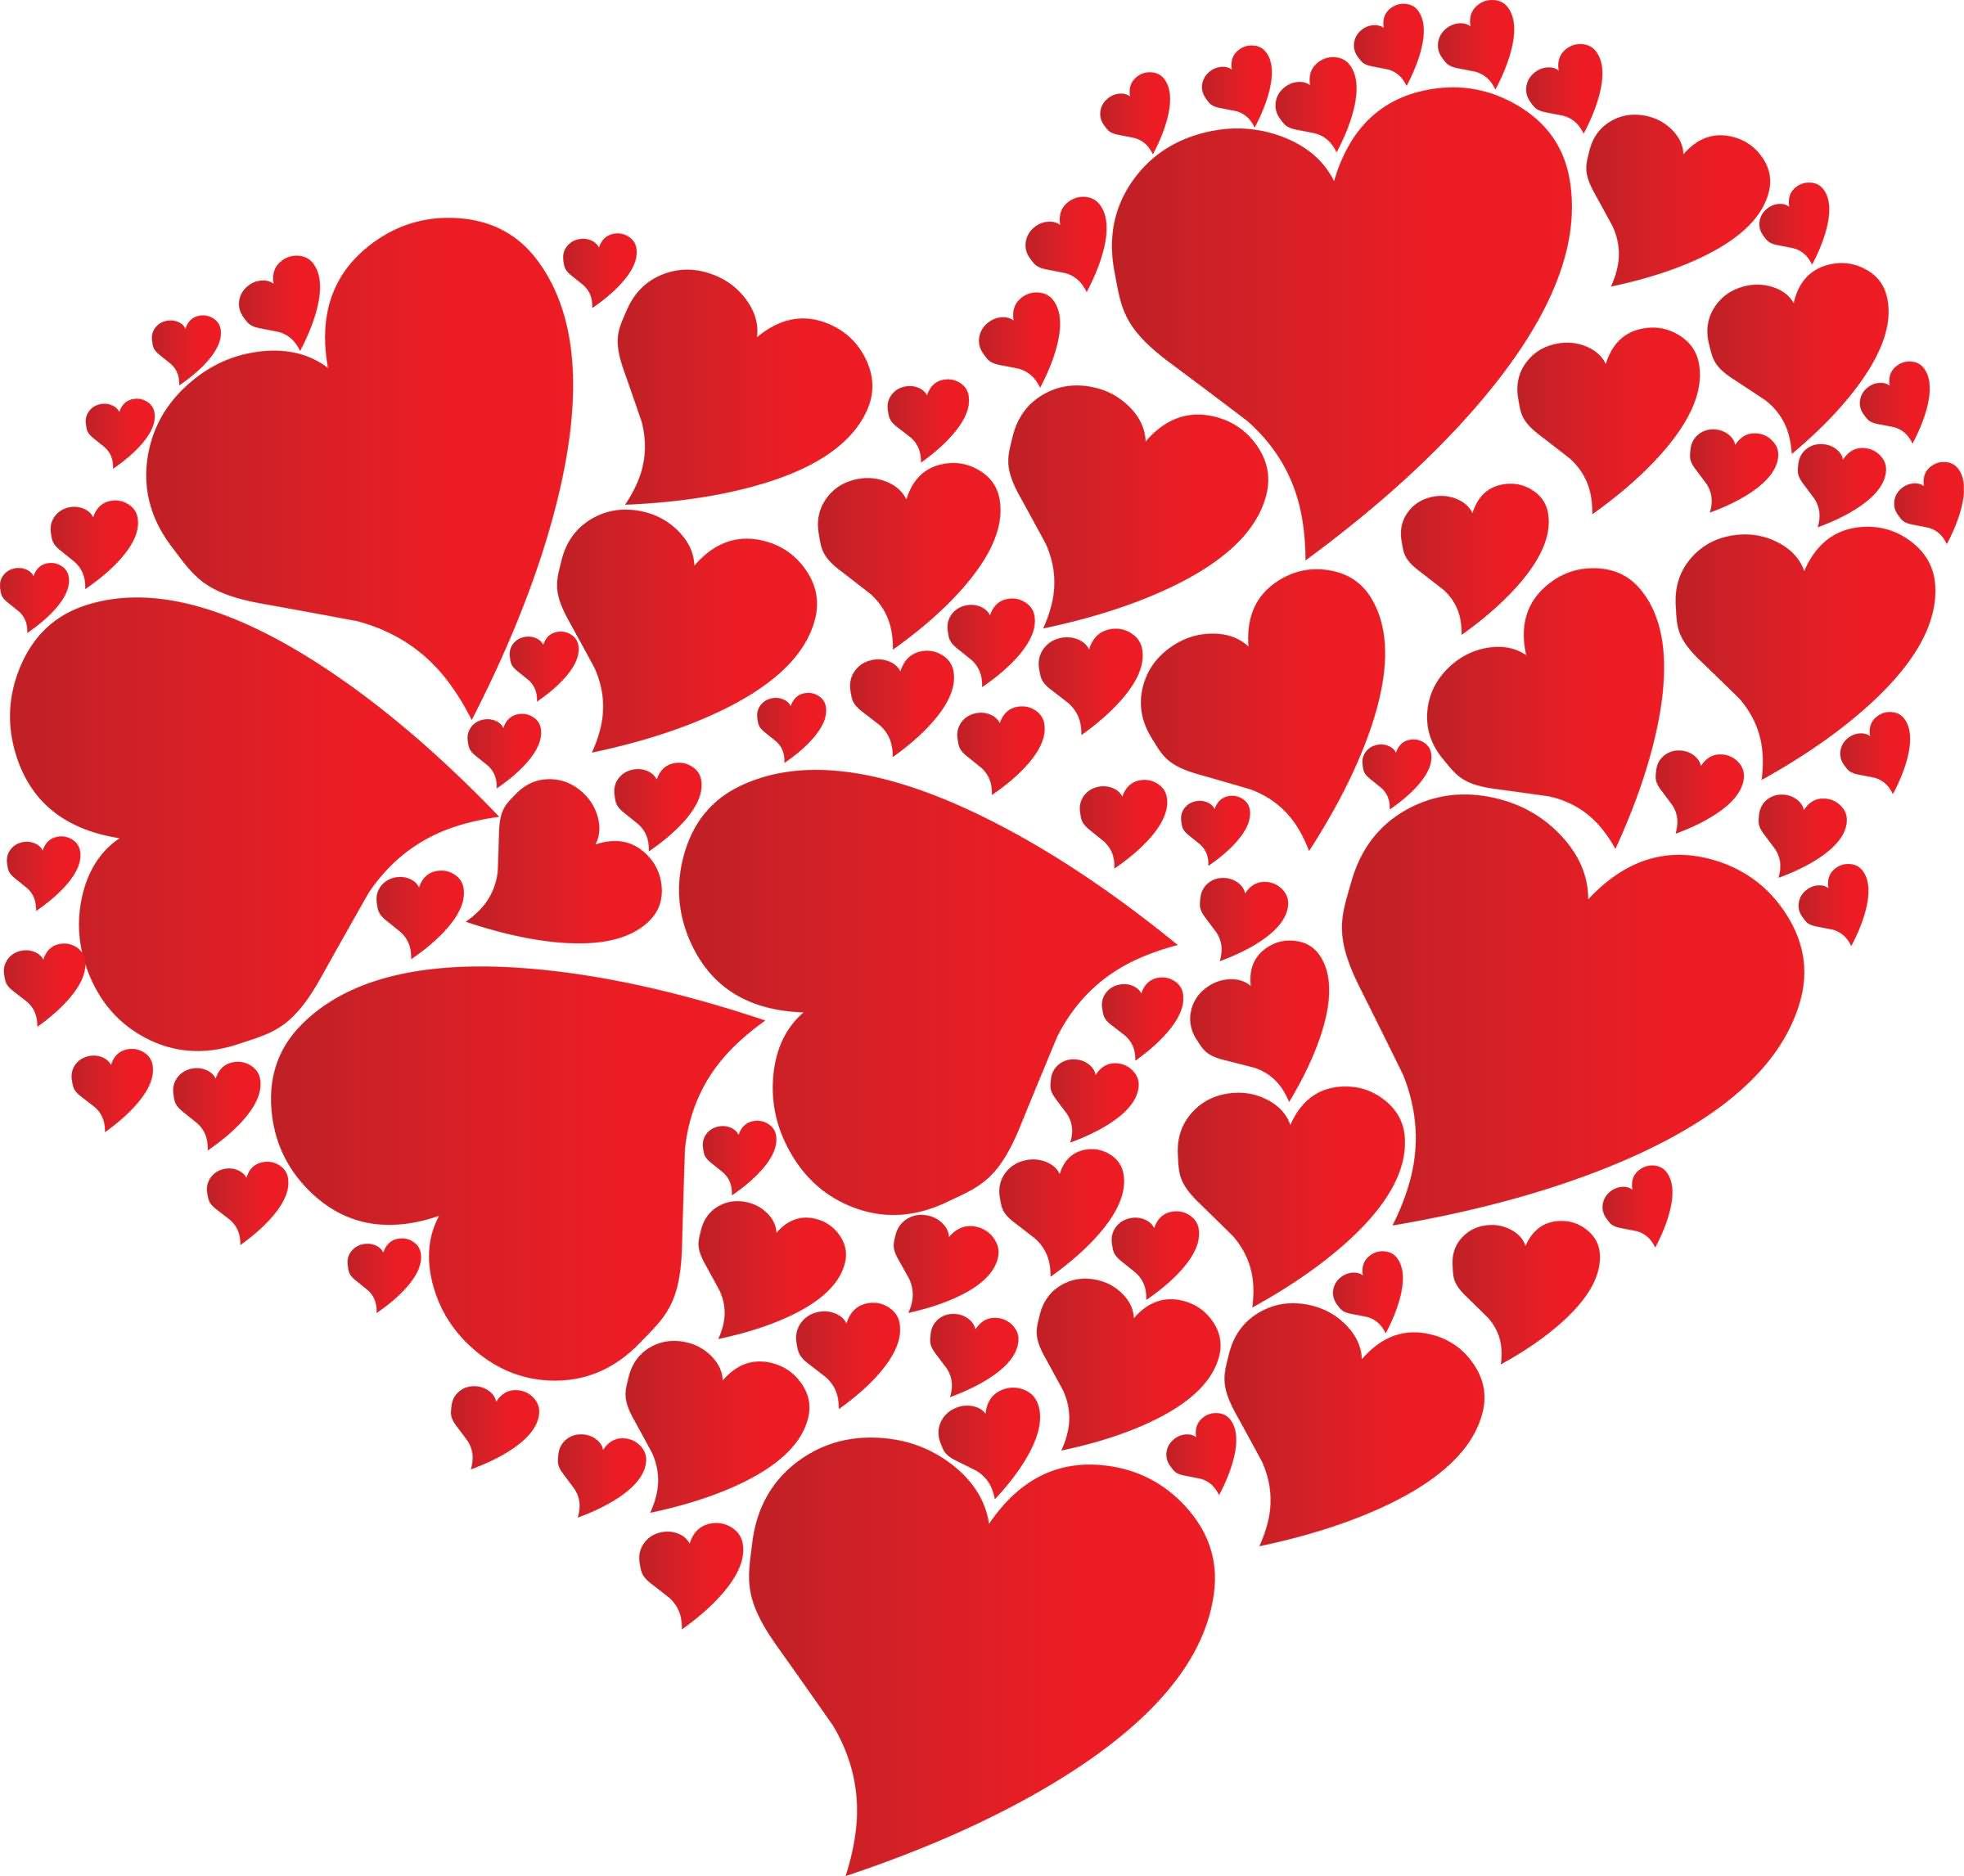 بالصور صور اجمل صور قلوب متحركة , صور قلوب رومانسية متحركة قلوب جميلة 4087 2